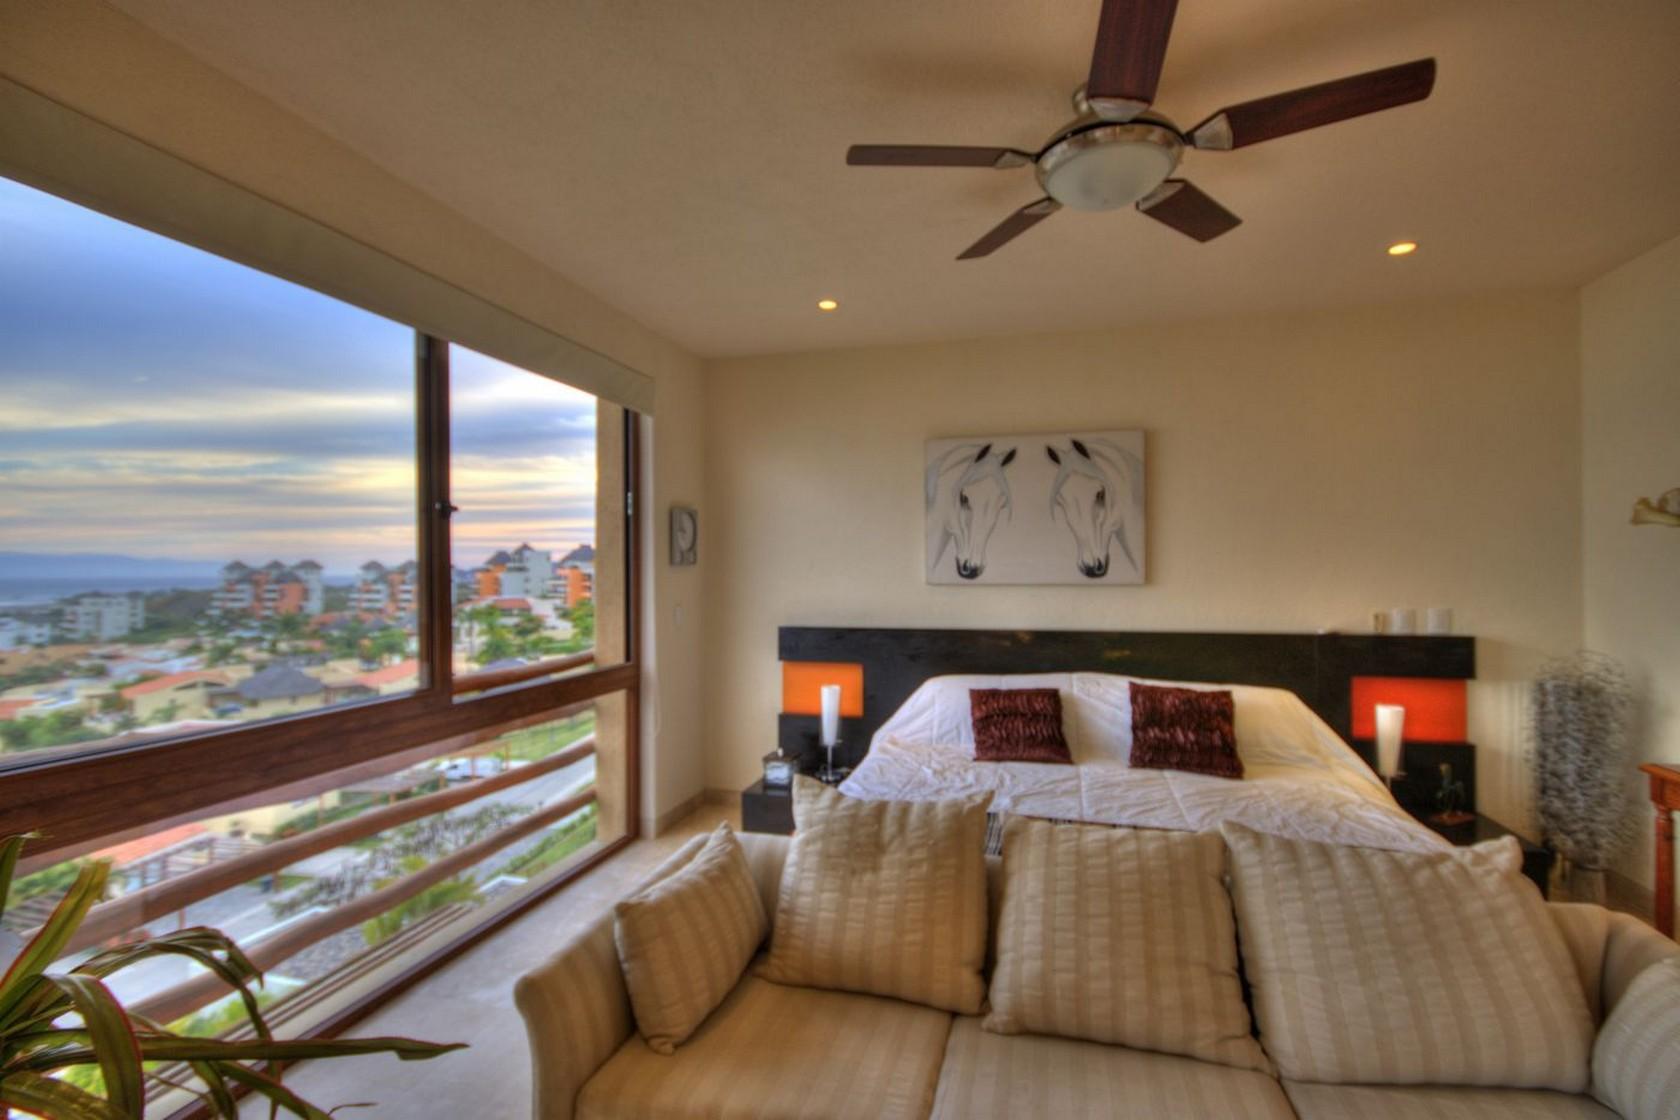 Recámara principal Departamento en venta Punta Esmeralda Resort La Cruz de Huanacaxtle